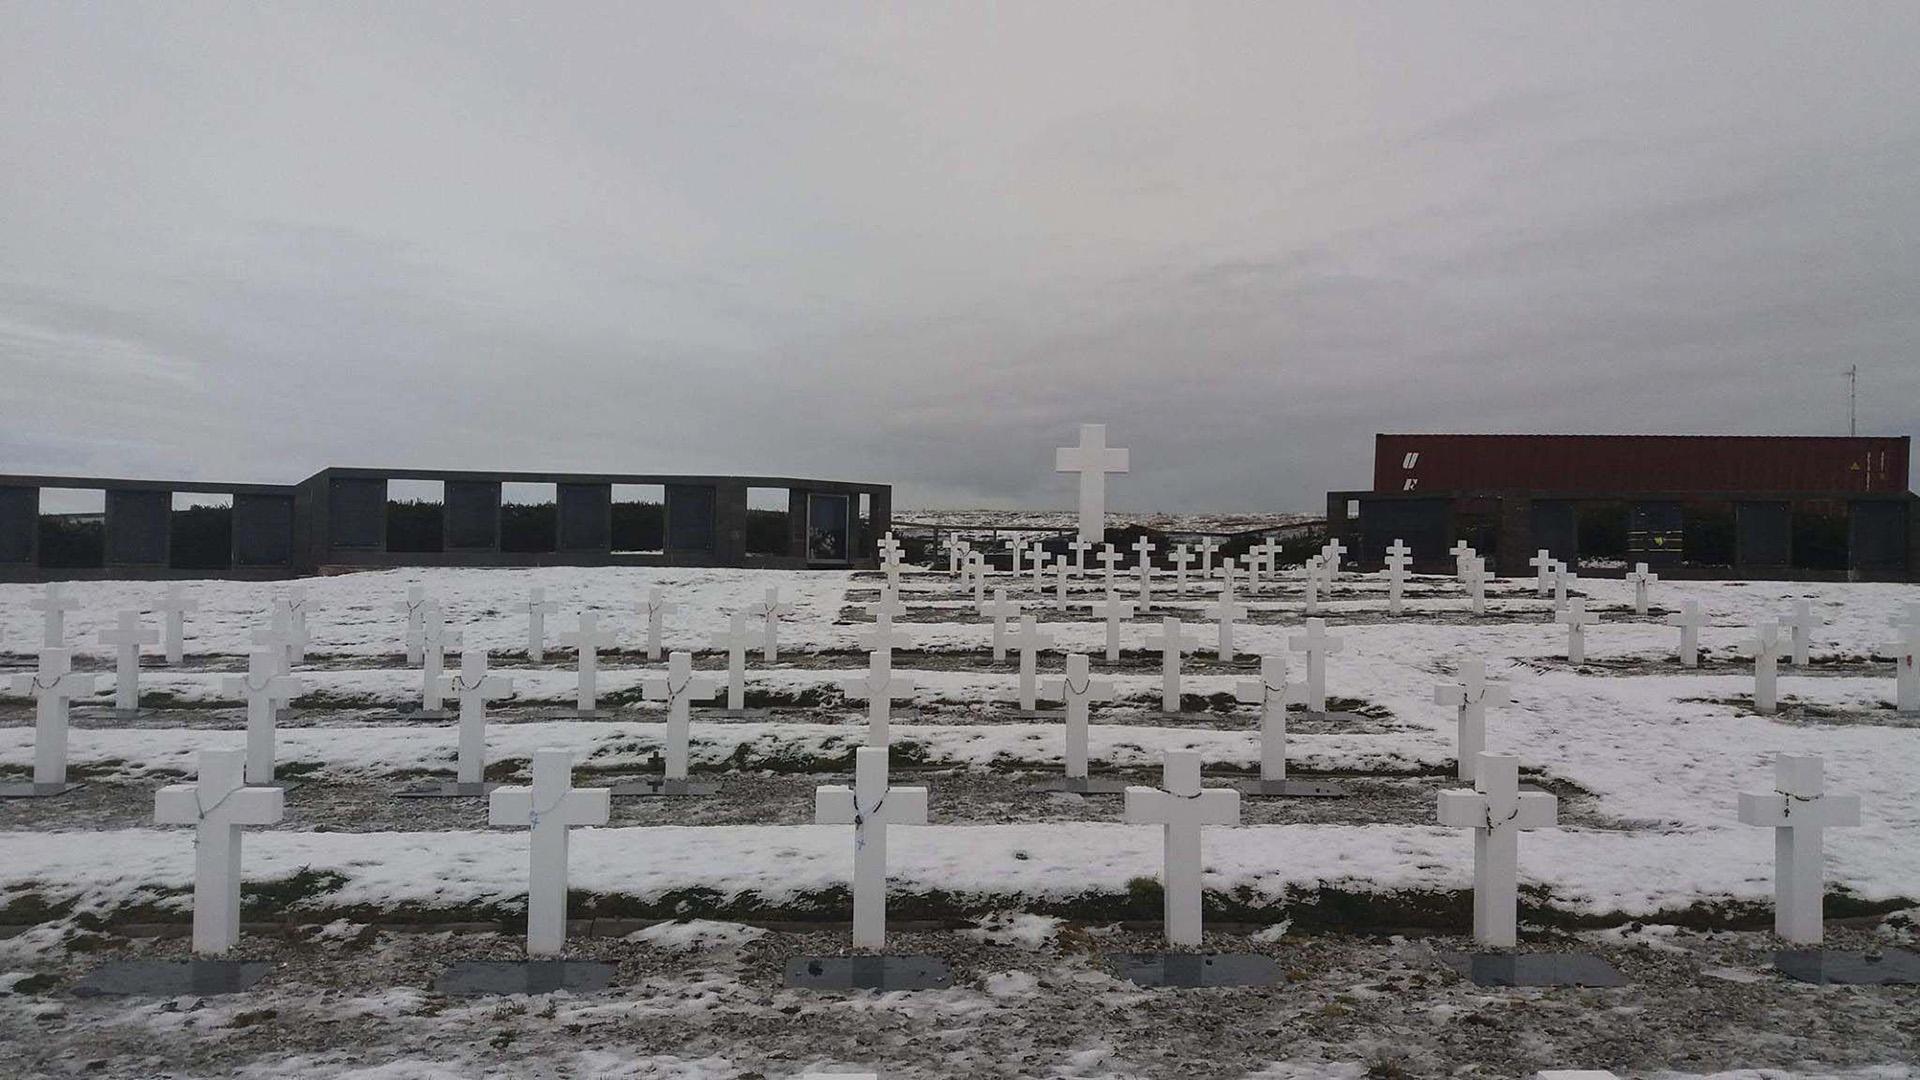 El gobierno de las Islas Malvinas expresó su apoyo a la misión del Comité Internacional de la Cruz Roja (CICR) que ya se encuentra en las islas para comenzar en los próximos días las tareas de identificación de los restos de soldados argentinos sepultados en 123 tumbas en el cementerio de Darwin